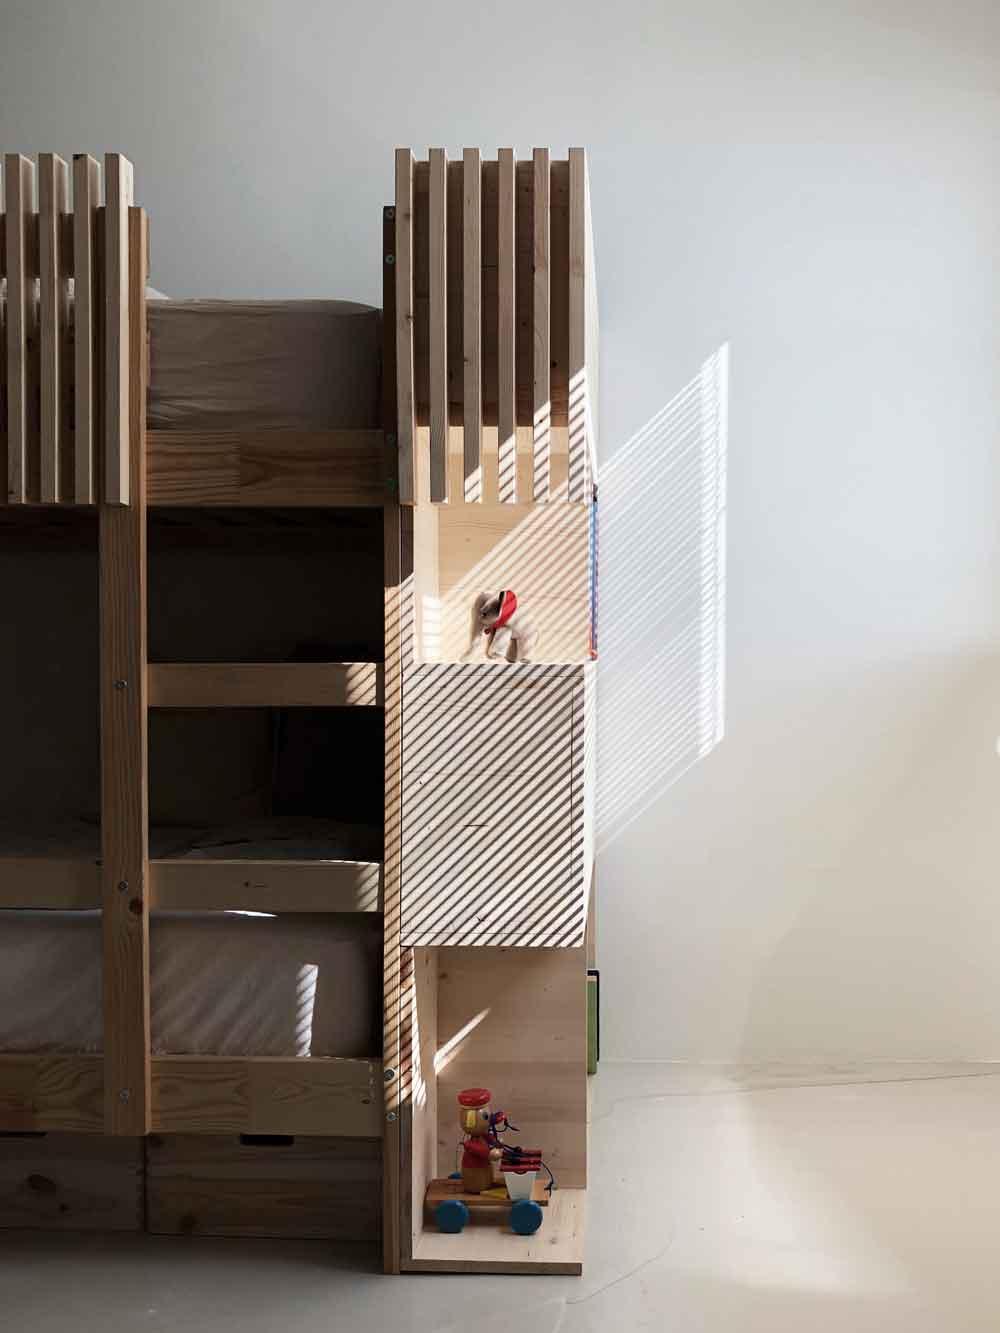 Full Size of Rausfallschutz Kinderbett Selber Machen Bett Selbst Gemacht Hochbett Küche Zusammenstellen Wohnzimmer Rausfallschutz Selbst Gemacht